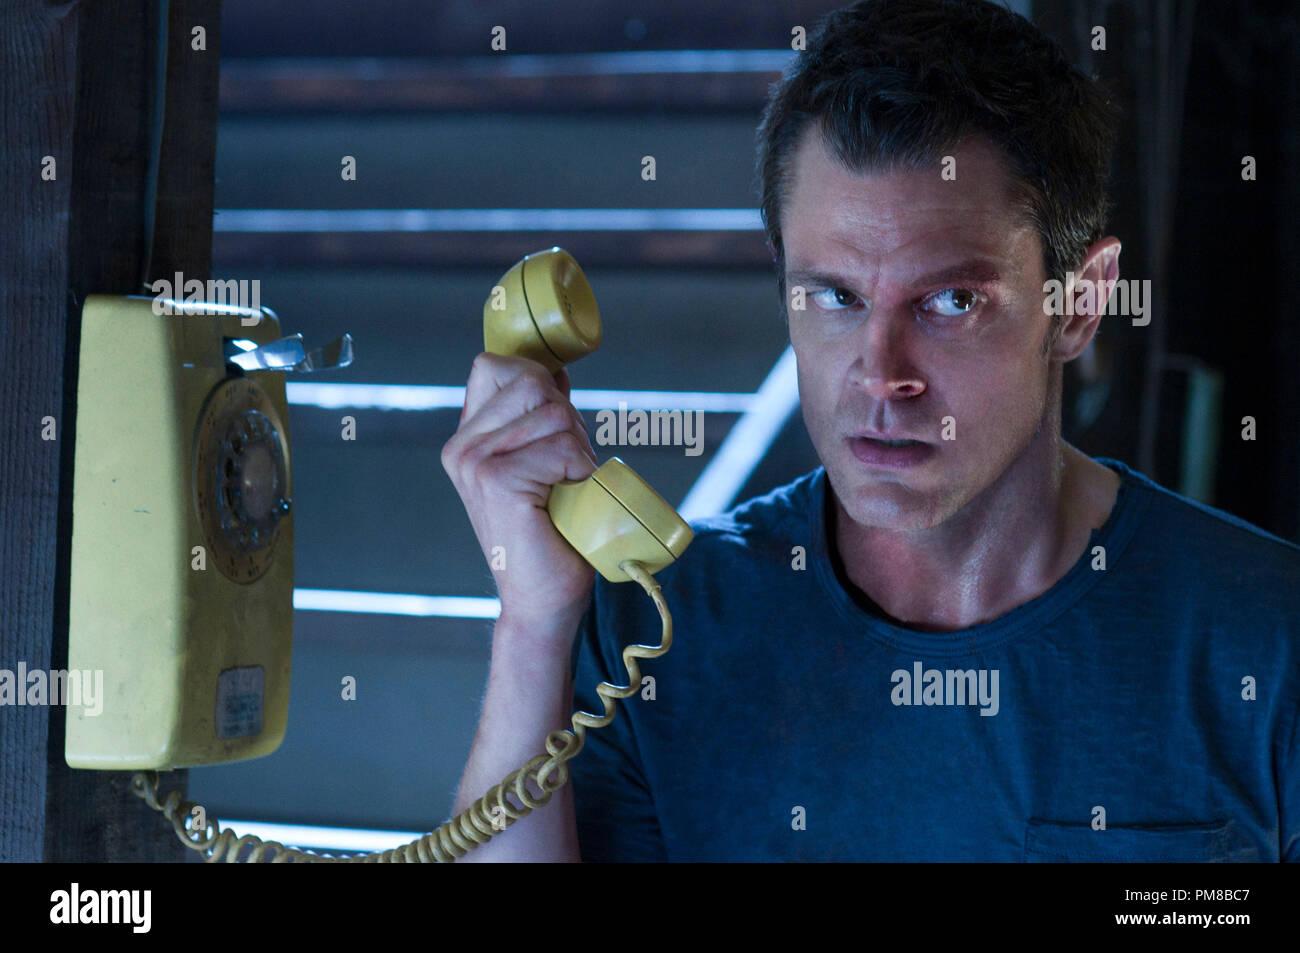 Johnny Knoxville Sterne in Film 43 der Relativitätstheorie Medien. © 2013 Film Productions, LLC Alle Rechte Vorbehalten. Stockfoto